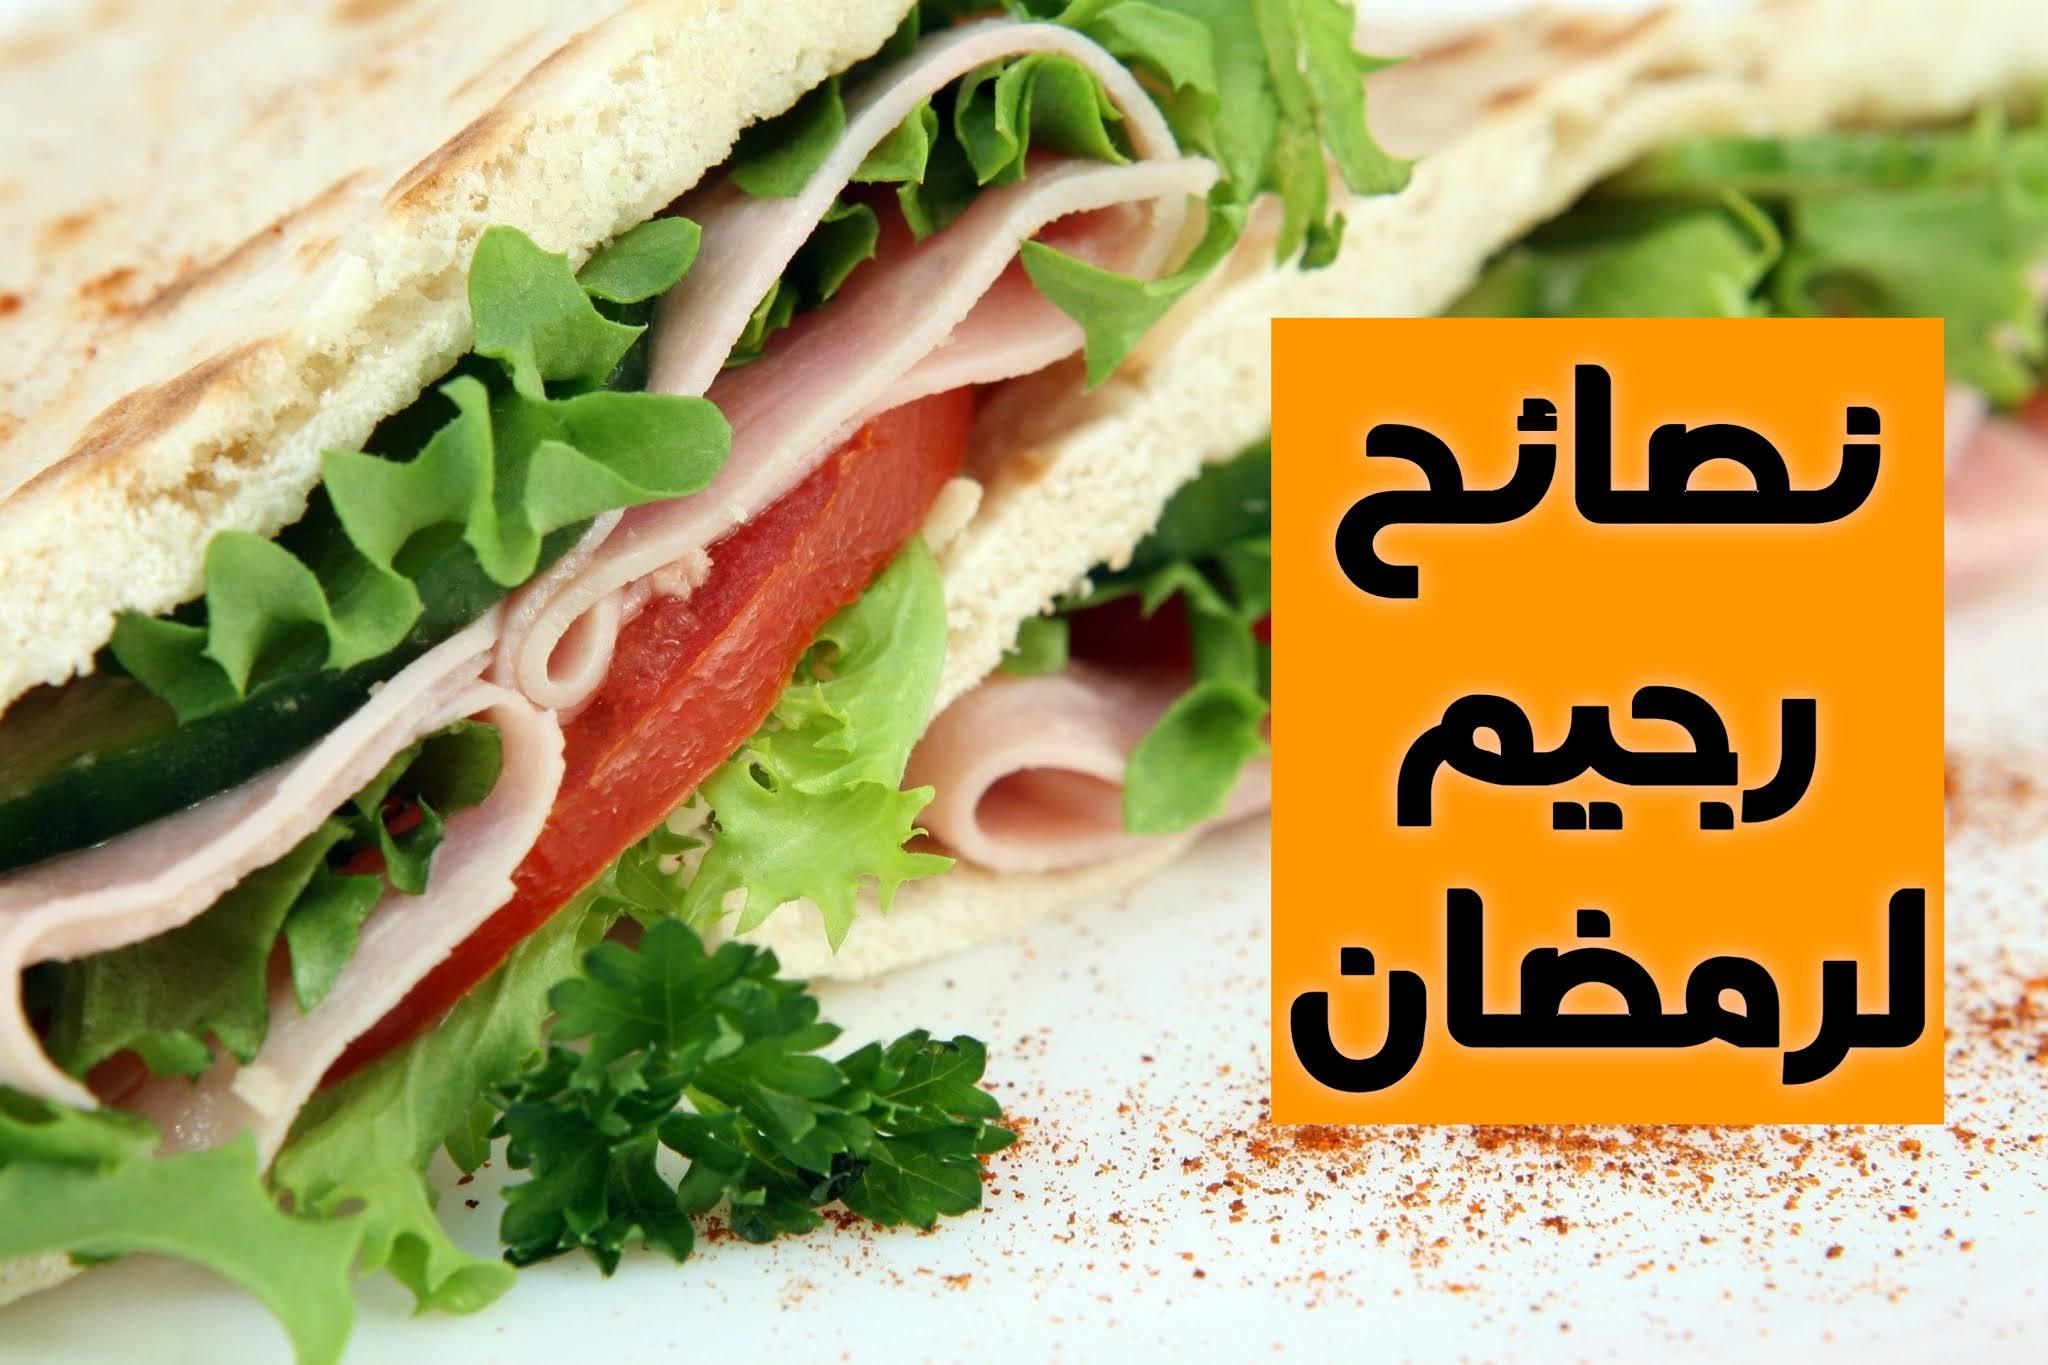 أفضل رجيم في رمضان لإنقاص 20 كيلو في 10 أيام فقط